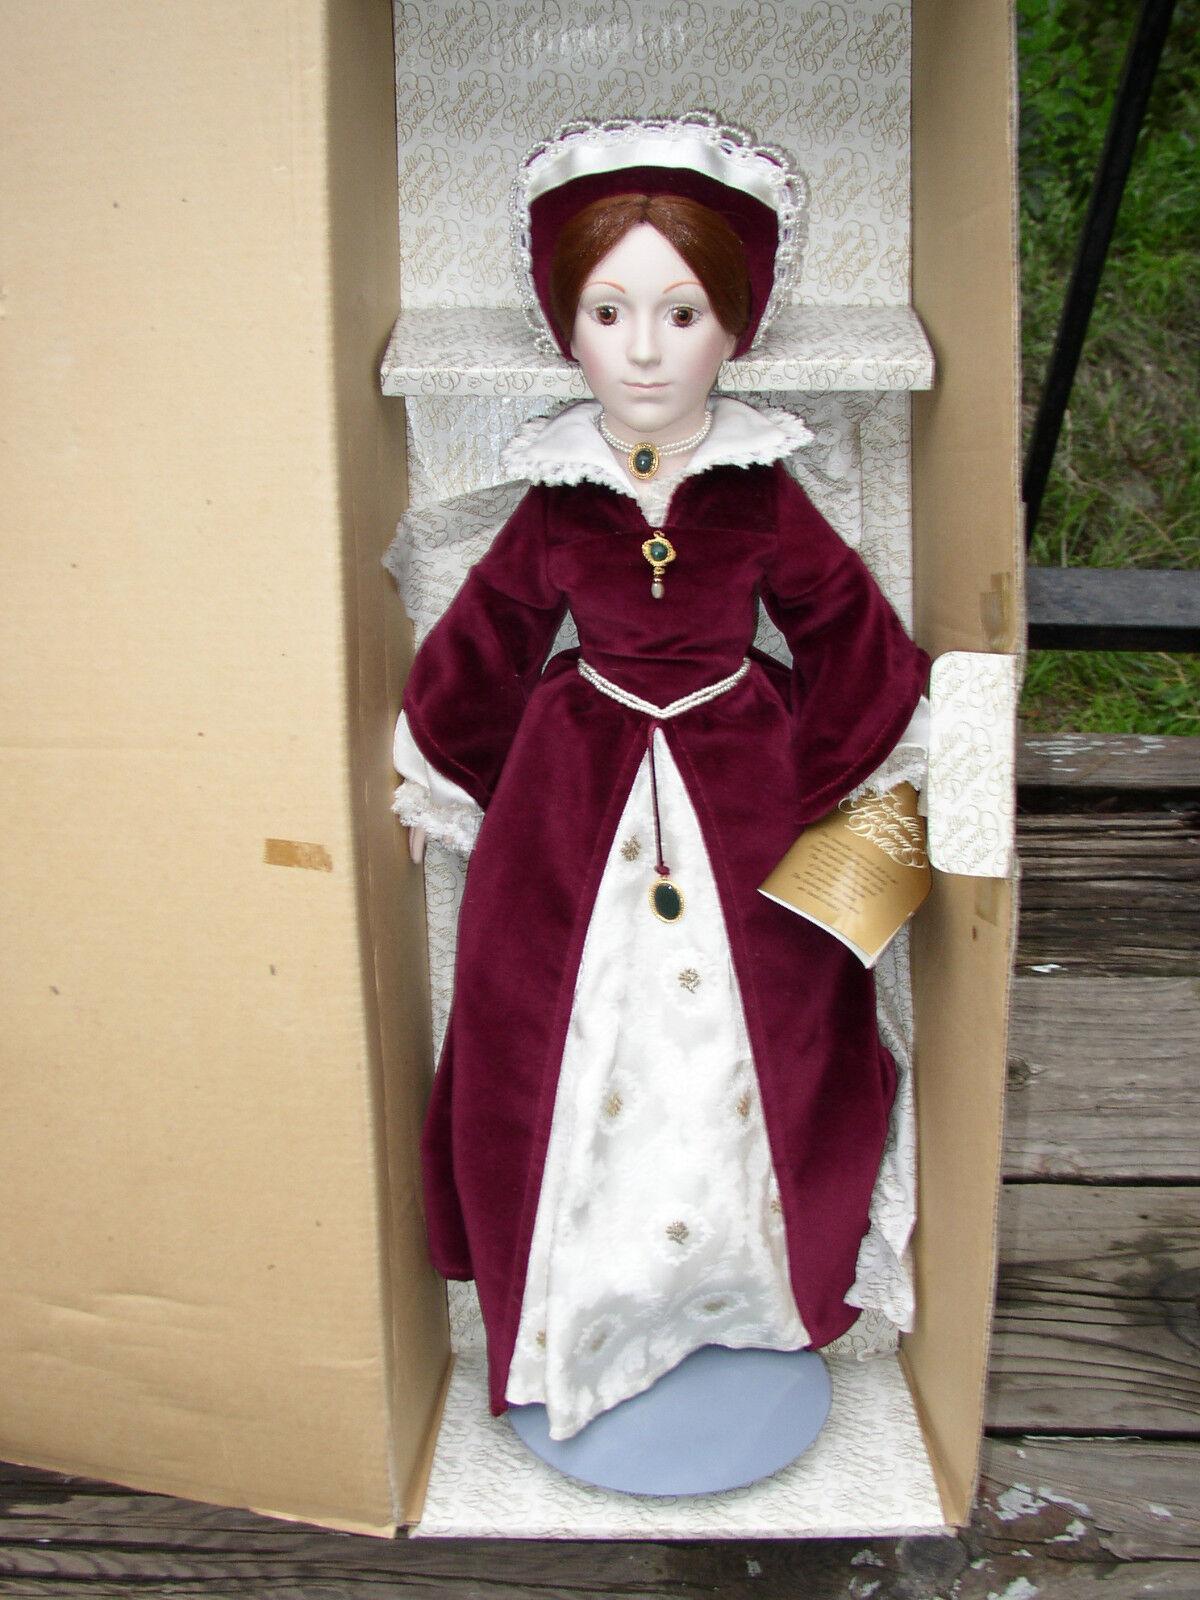 1983  Franklin Heirloom Regina Mary i Bisque Bambola di Porcellana con scatola &  risparmia fino al 70% di sconto